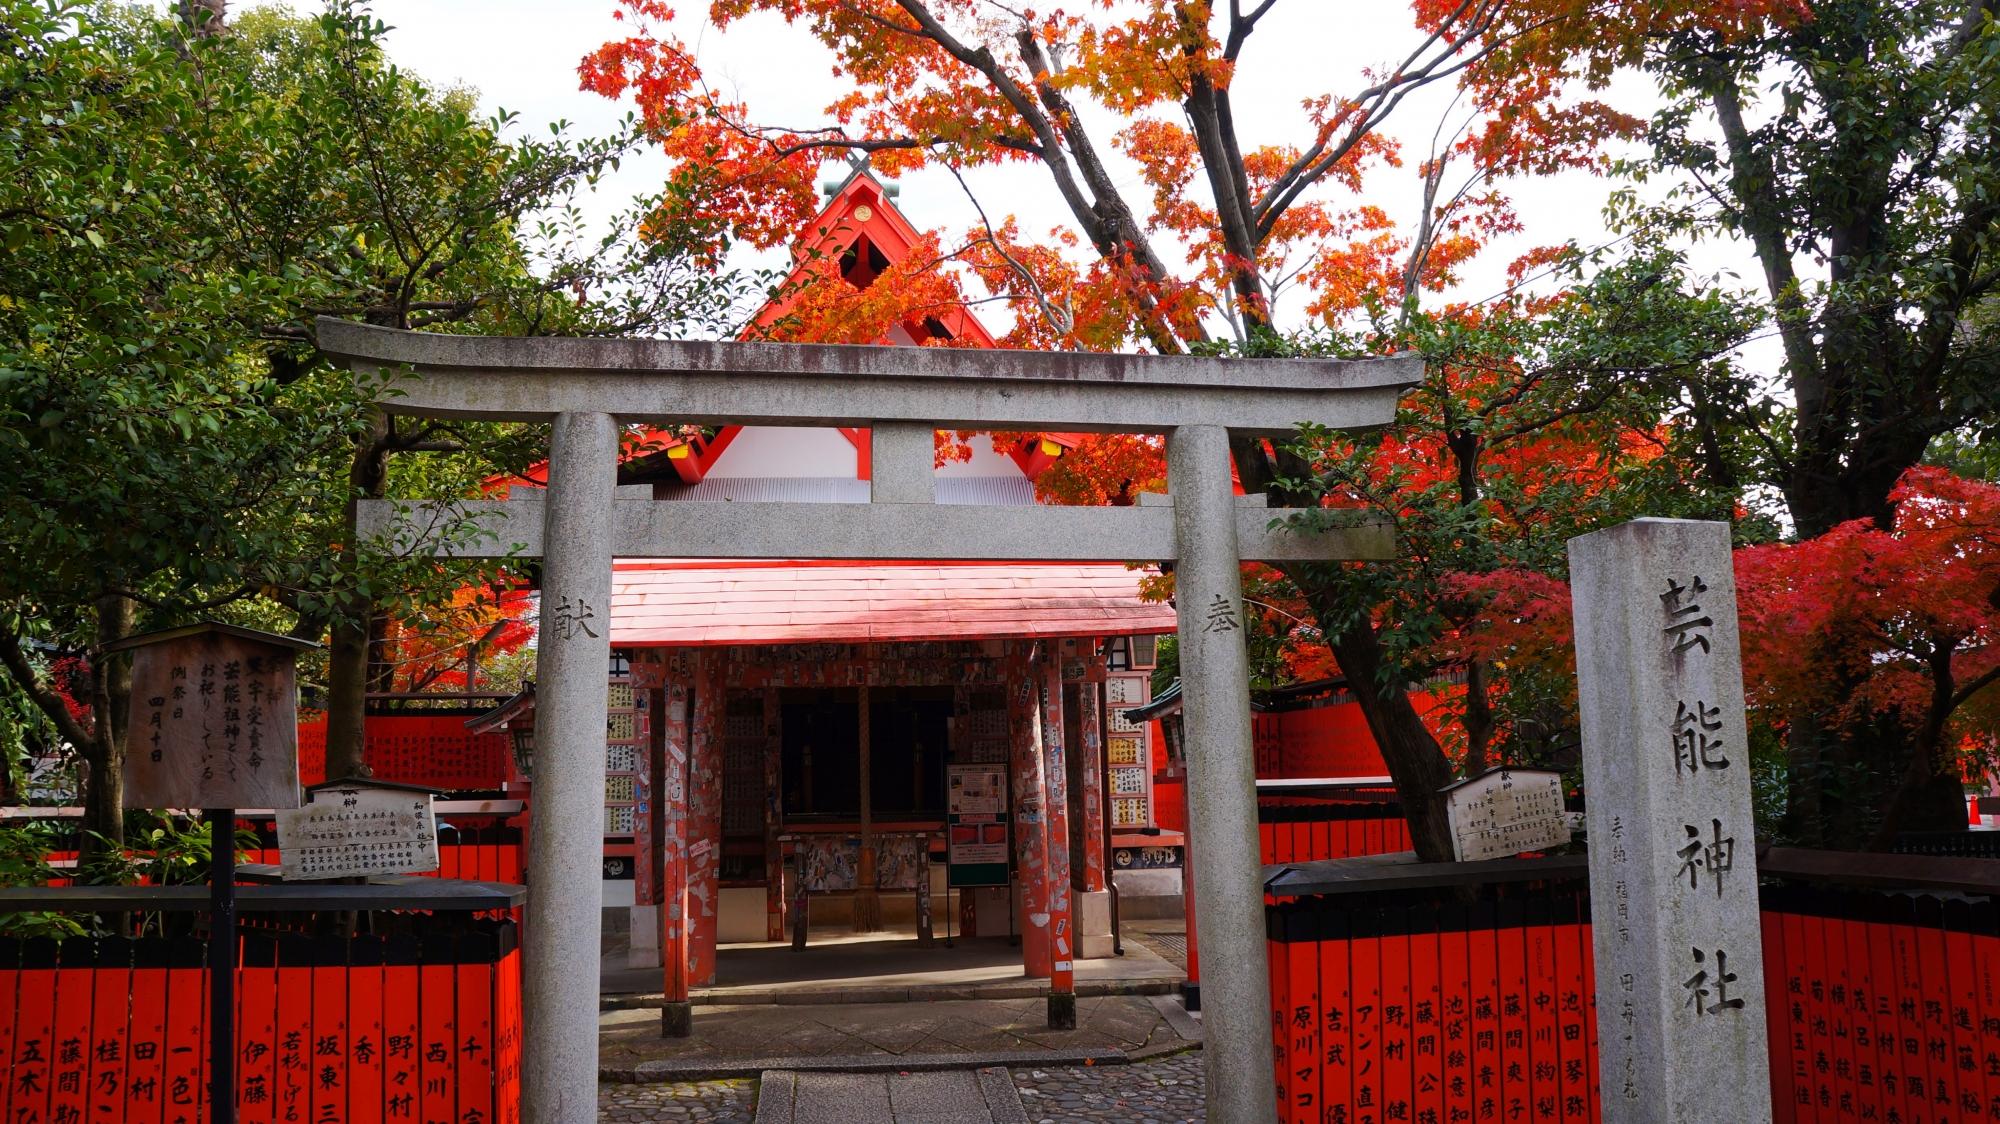 有名人の玉垣で良く知られる車折神社末社の芸能神社